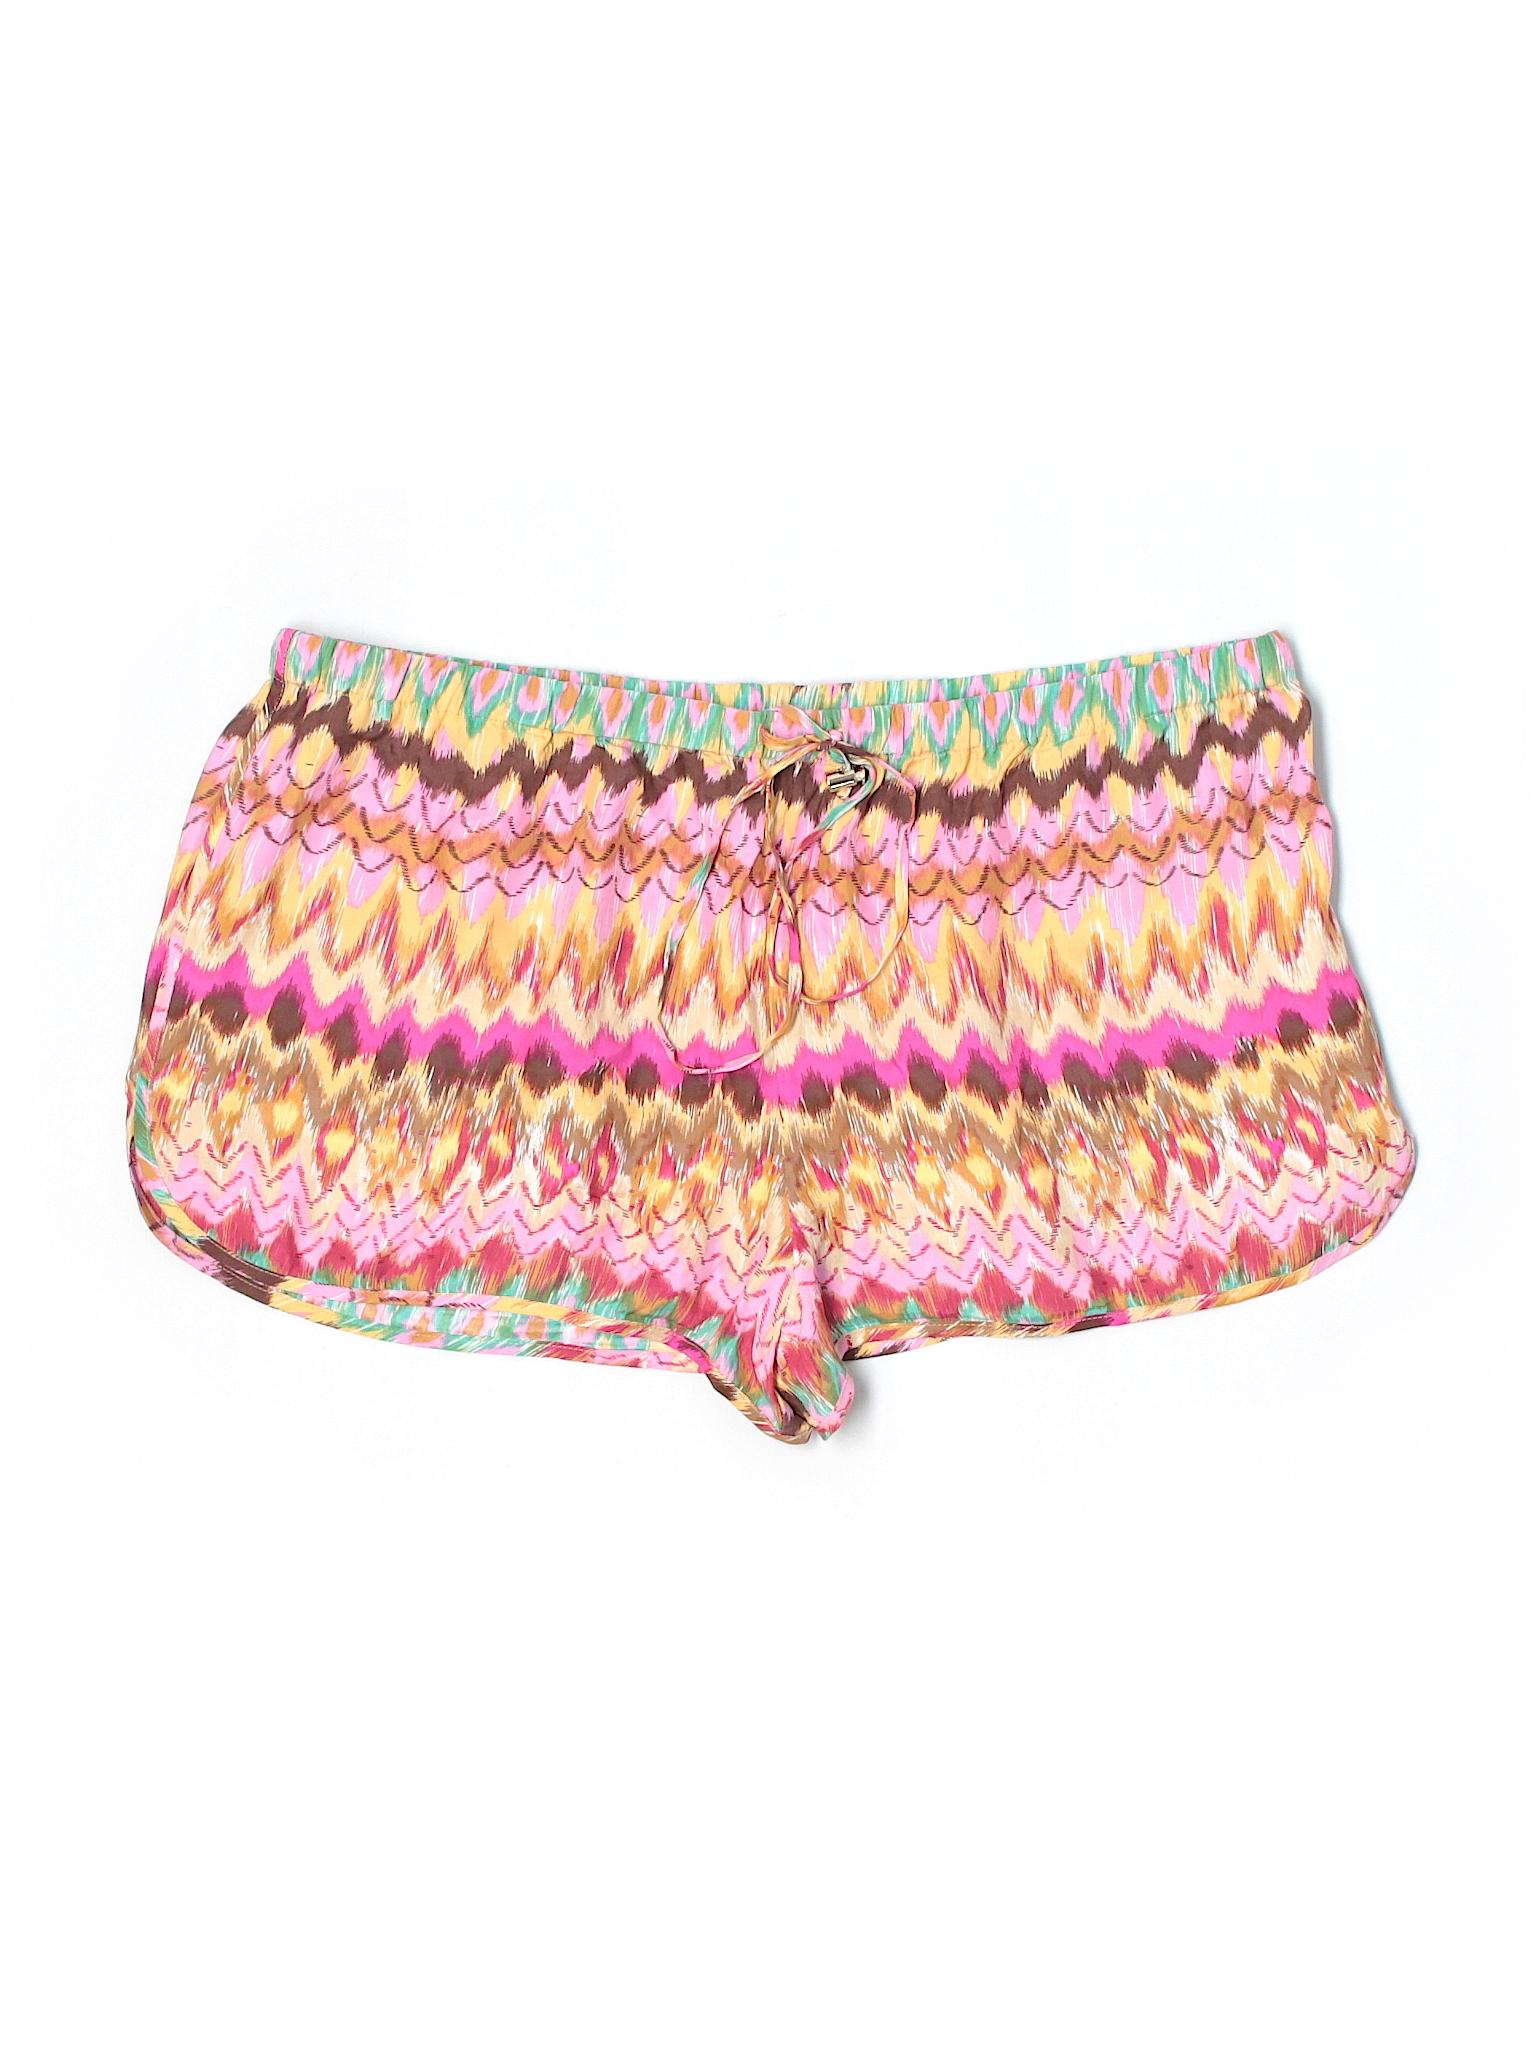 Leisure Hippie Boutique Boutique Shorts Leisure Haute 6wZEPq